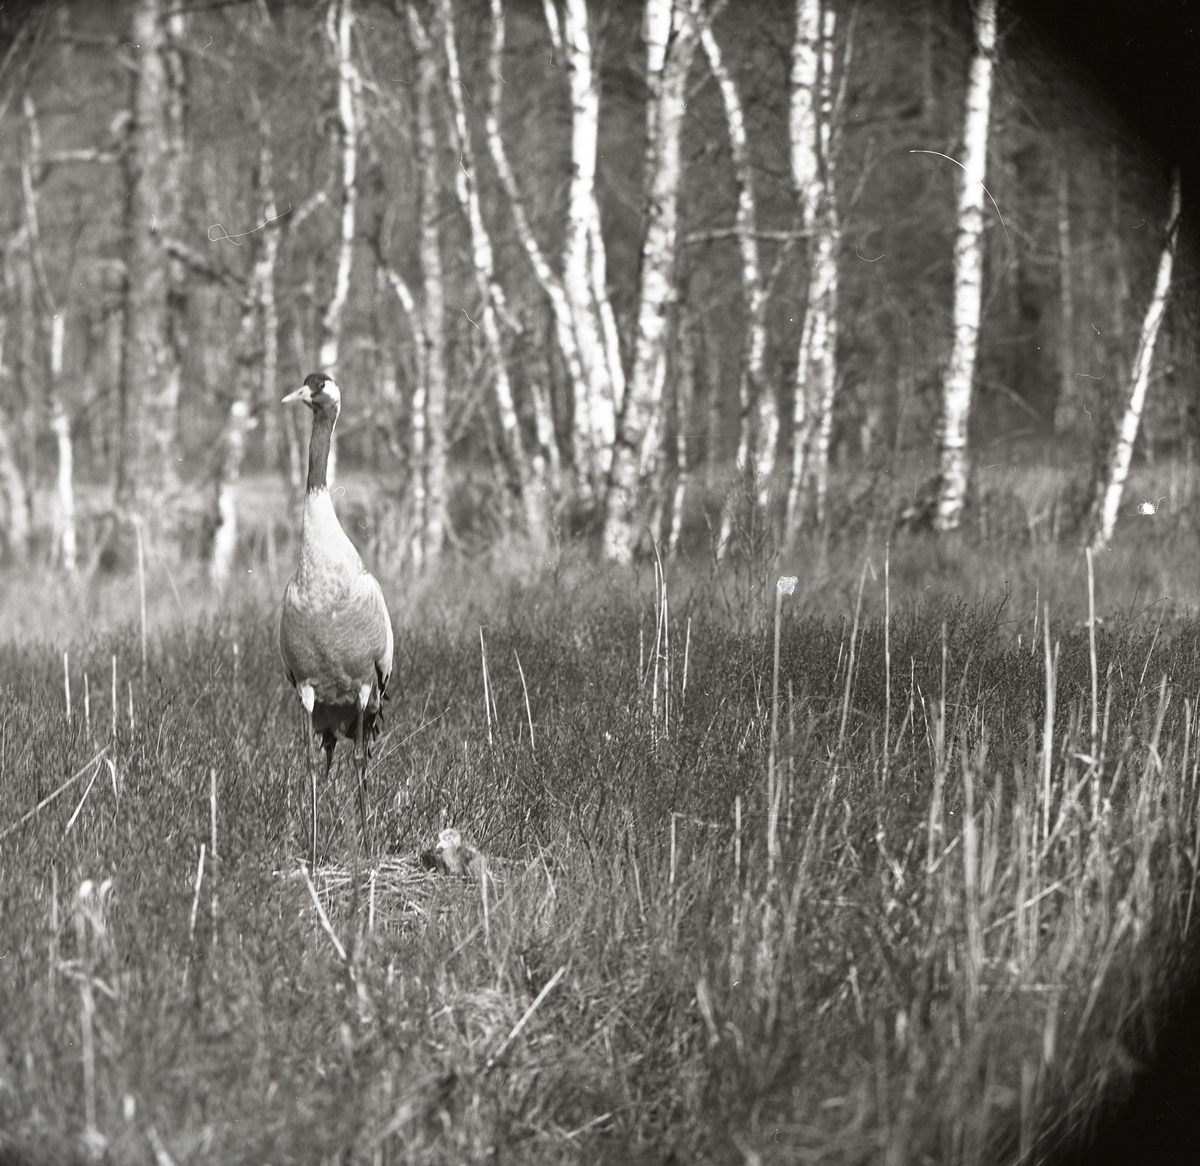 En trana står bredvid sitt bo vari det ligger en tranunge, 24 maj, 1965.